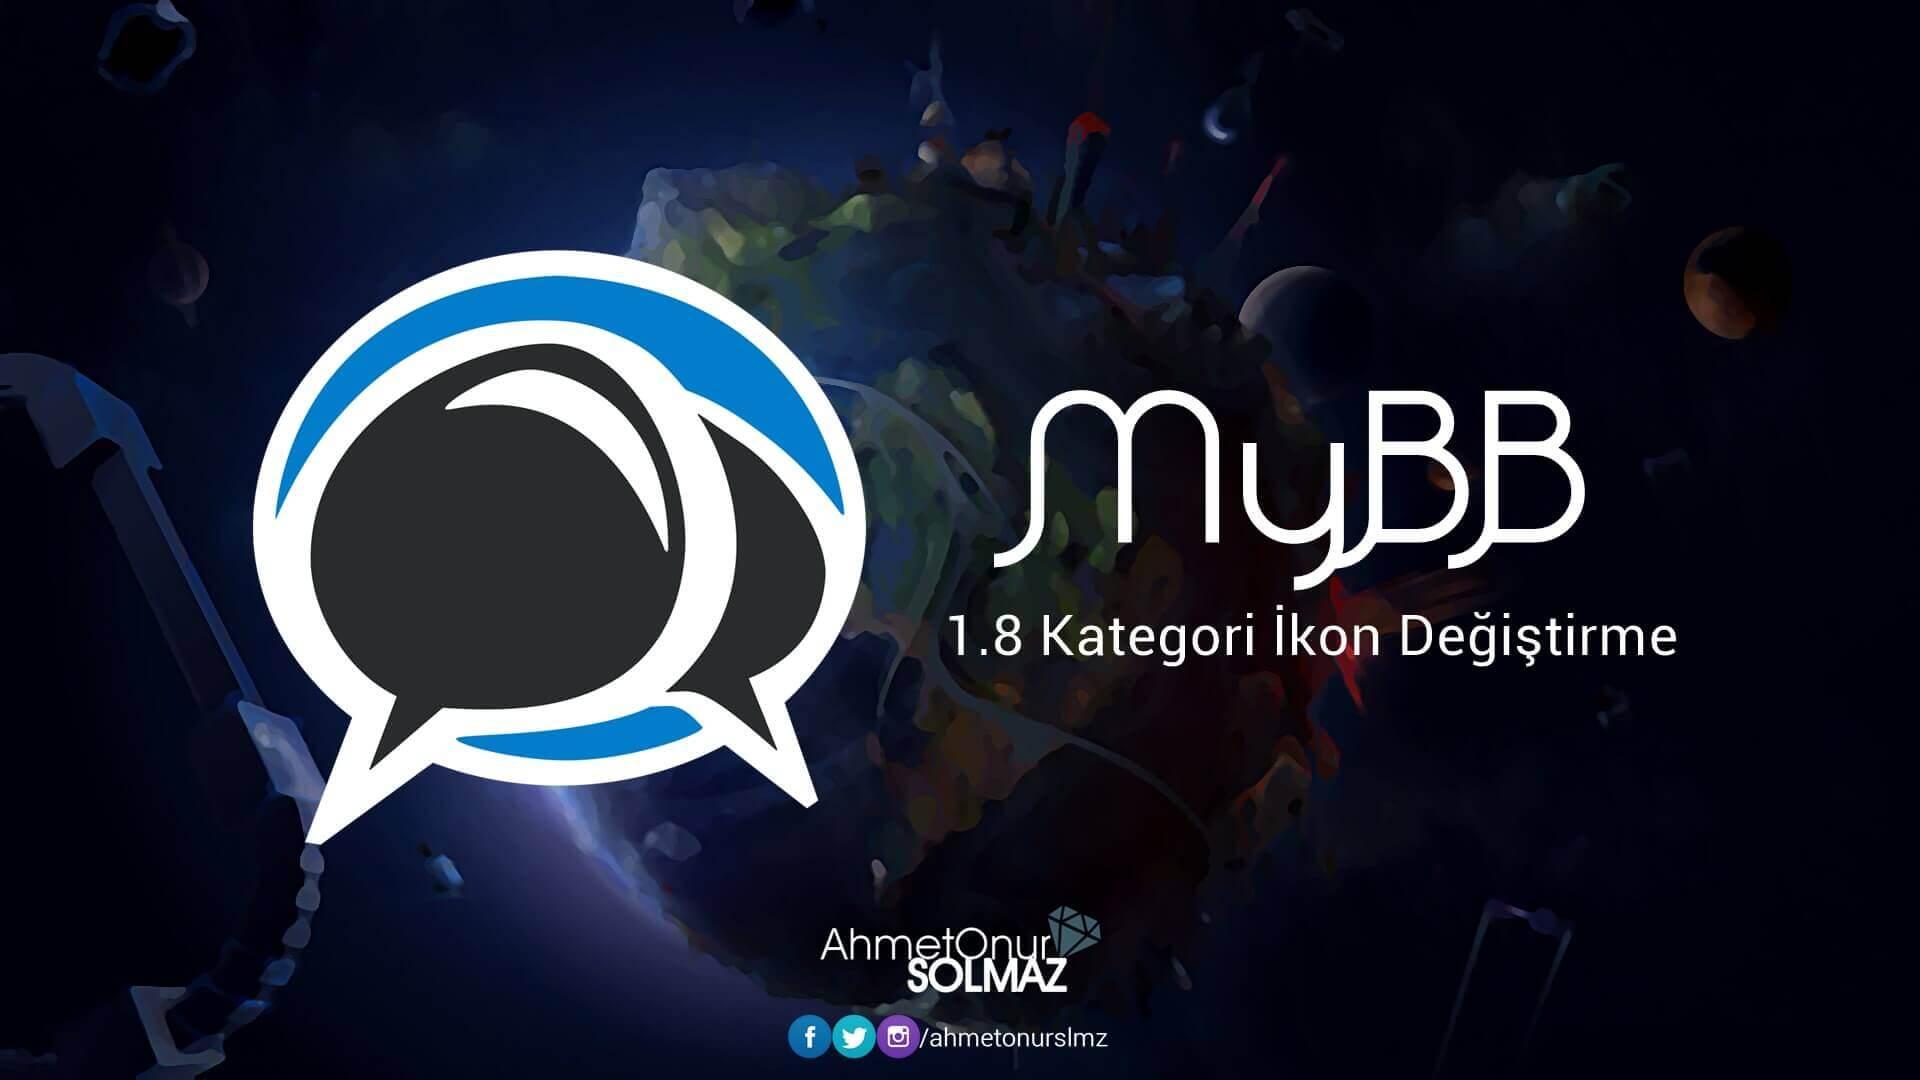 mybb-1.8-kategori-ikon-değiştirme